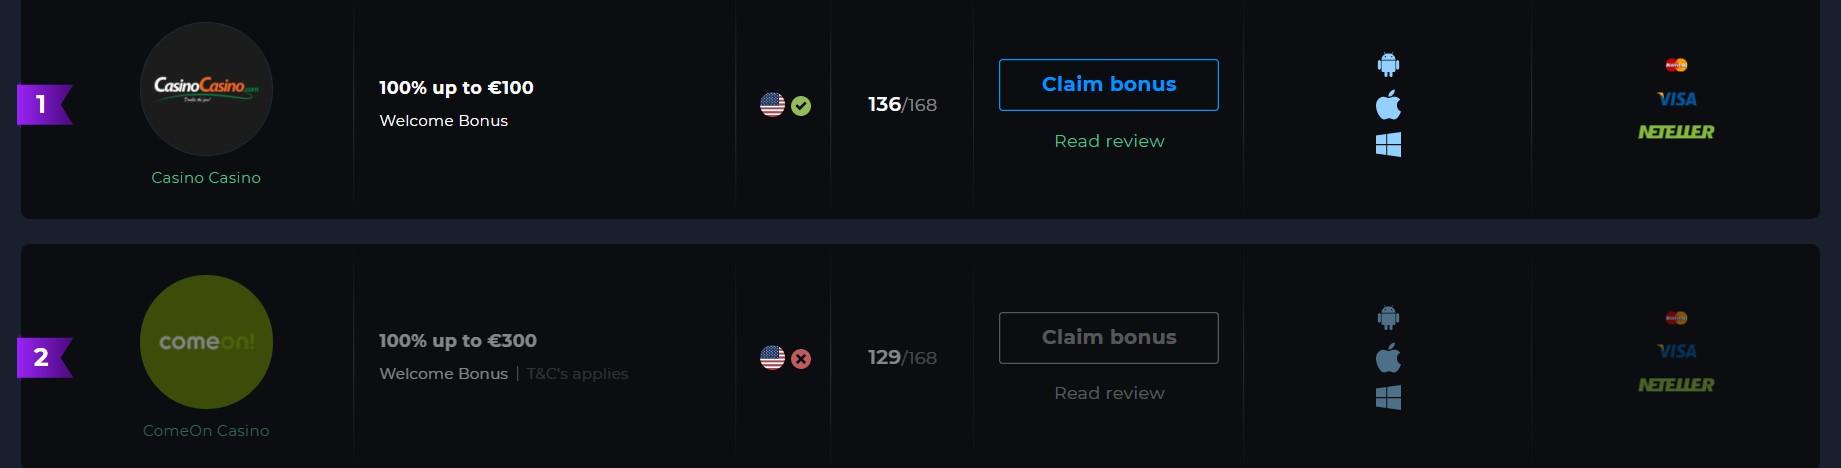 How to Claim 40 Euros Bonus